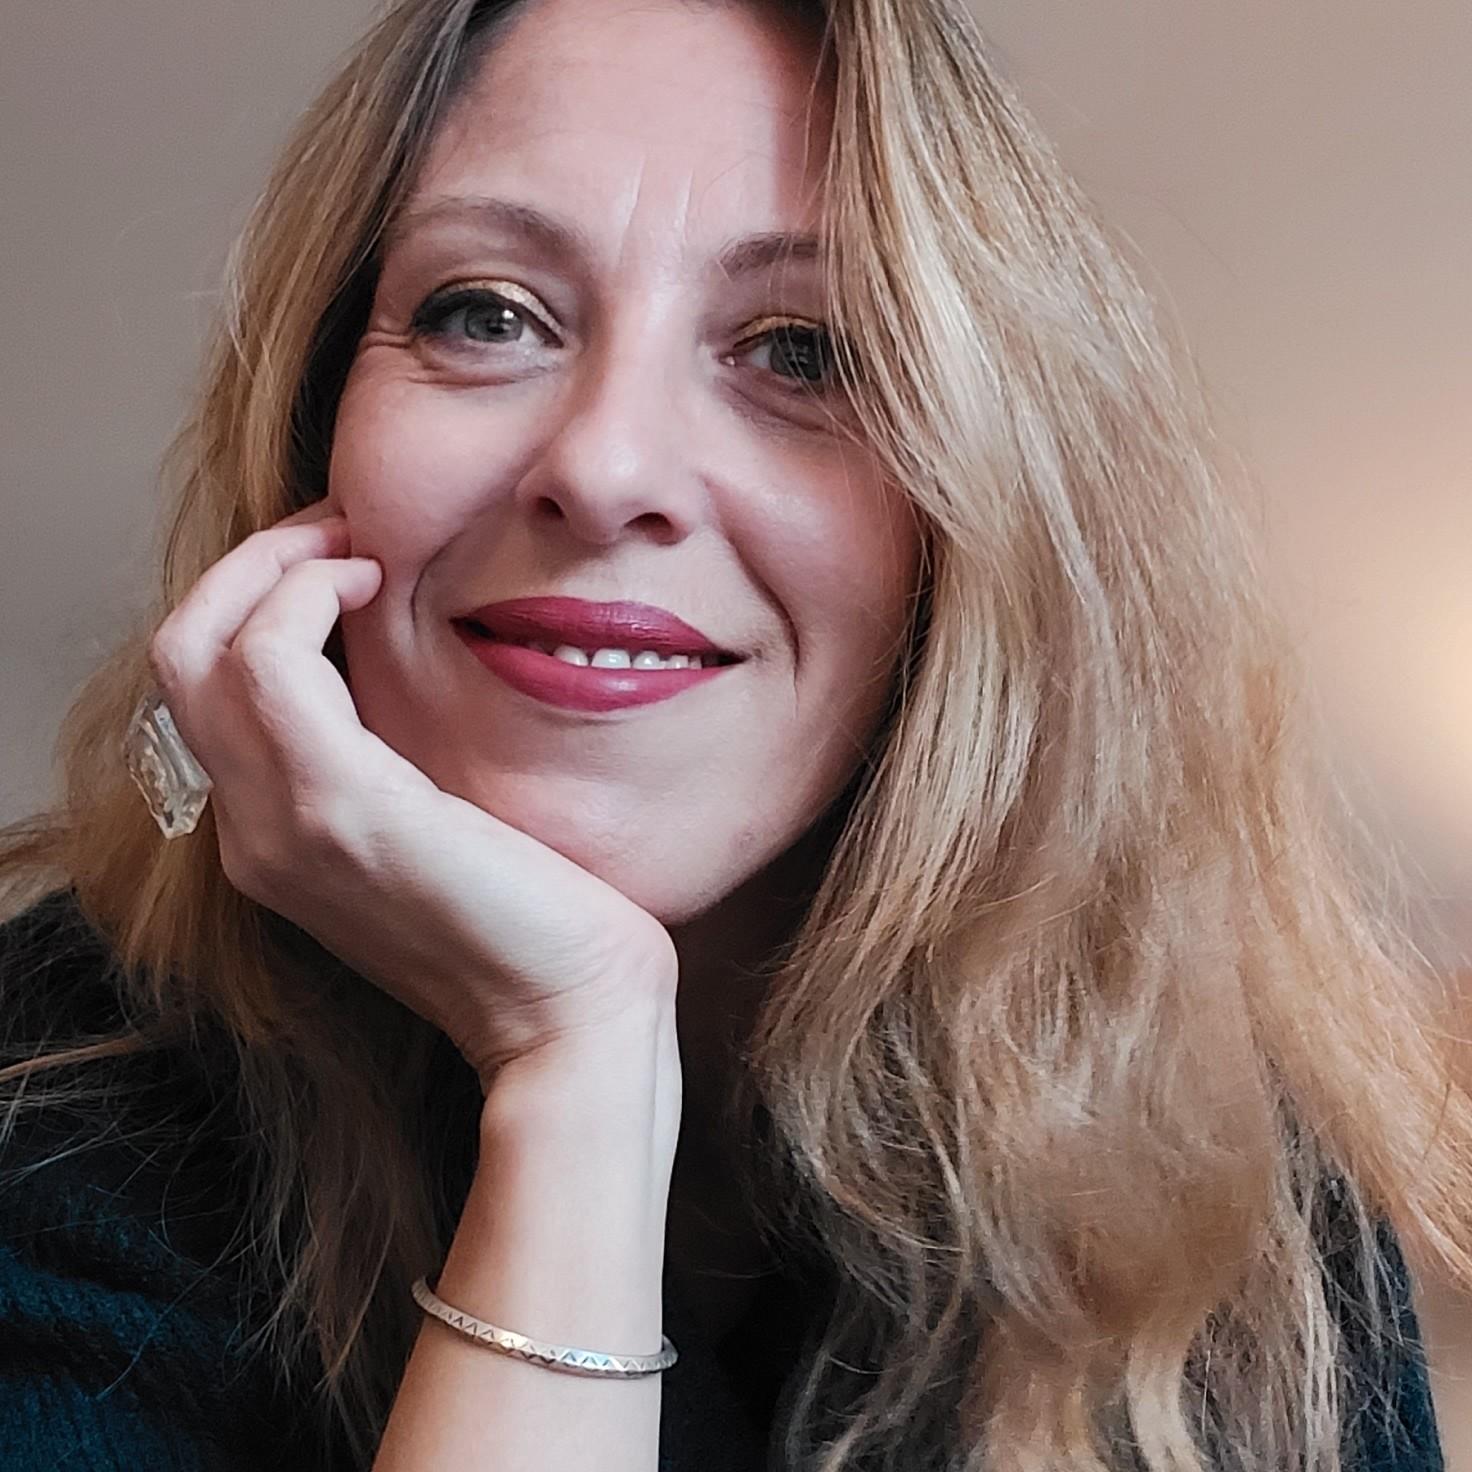 Gwenaelle Carré